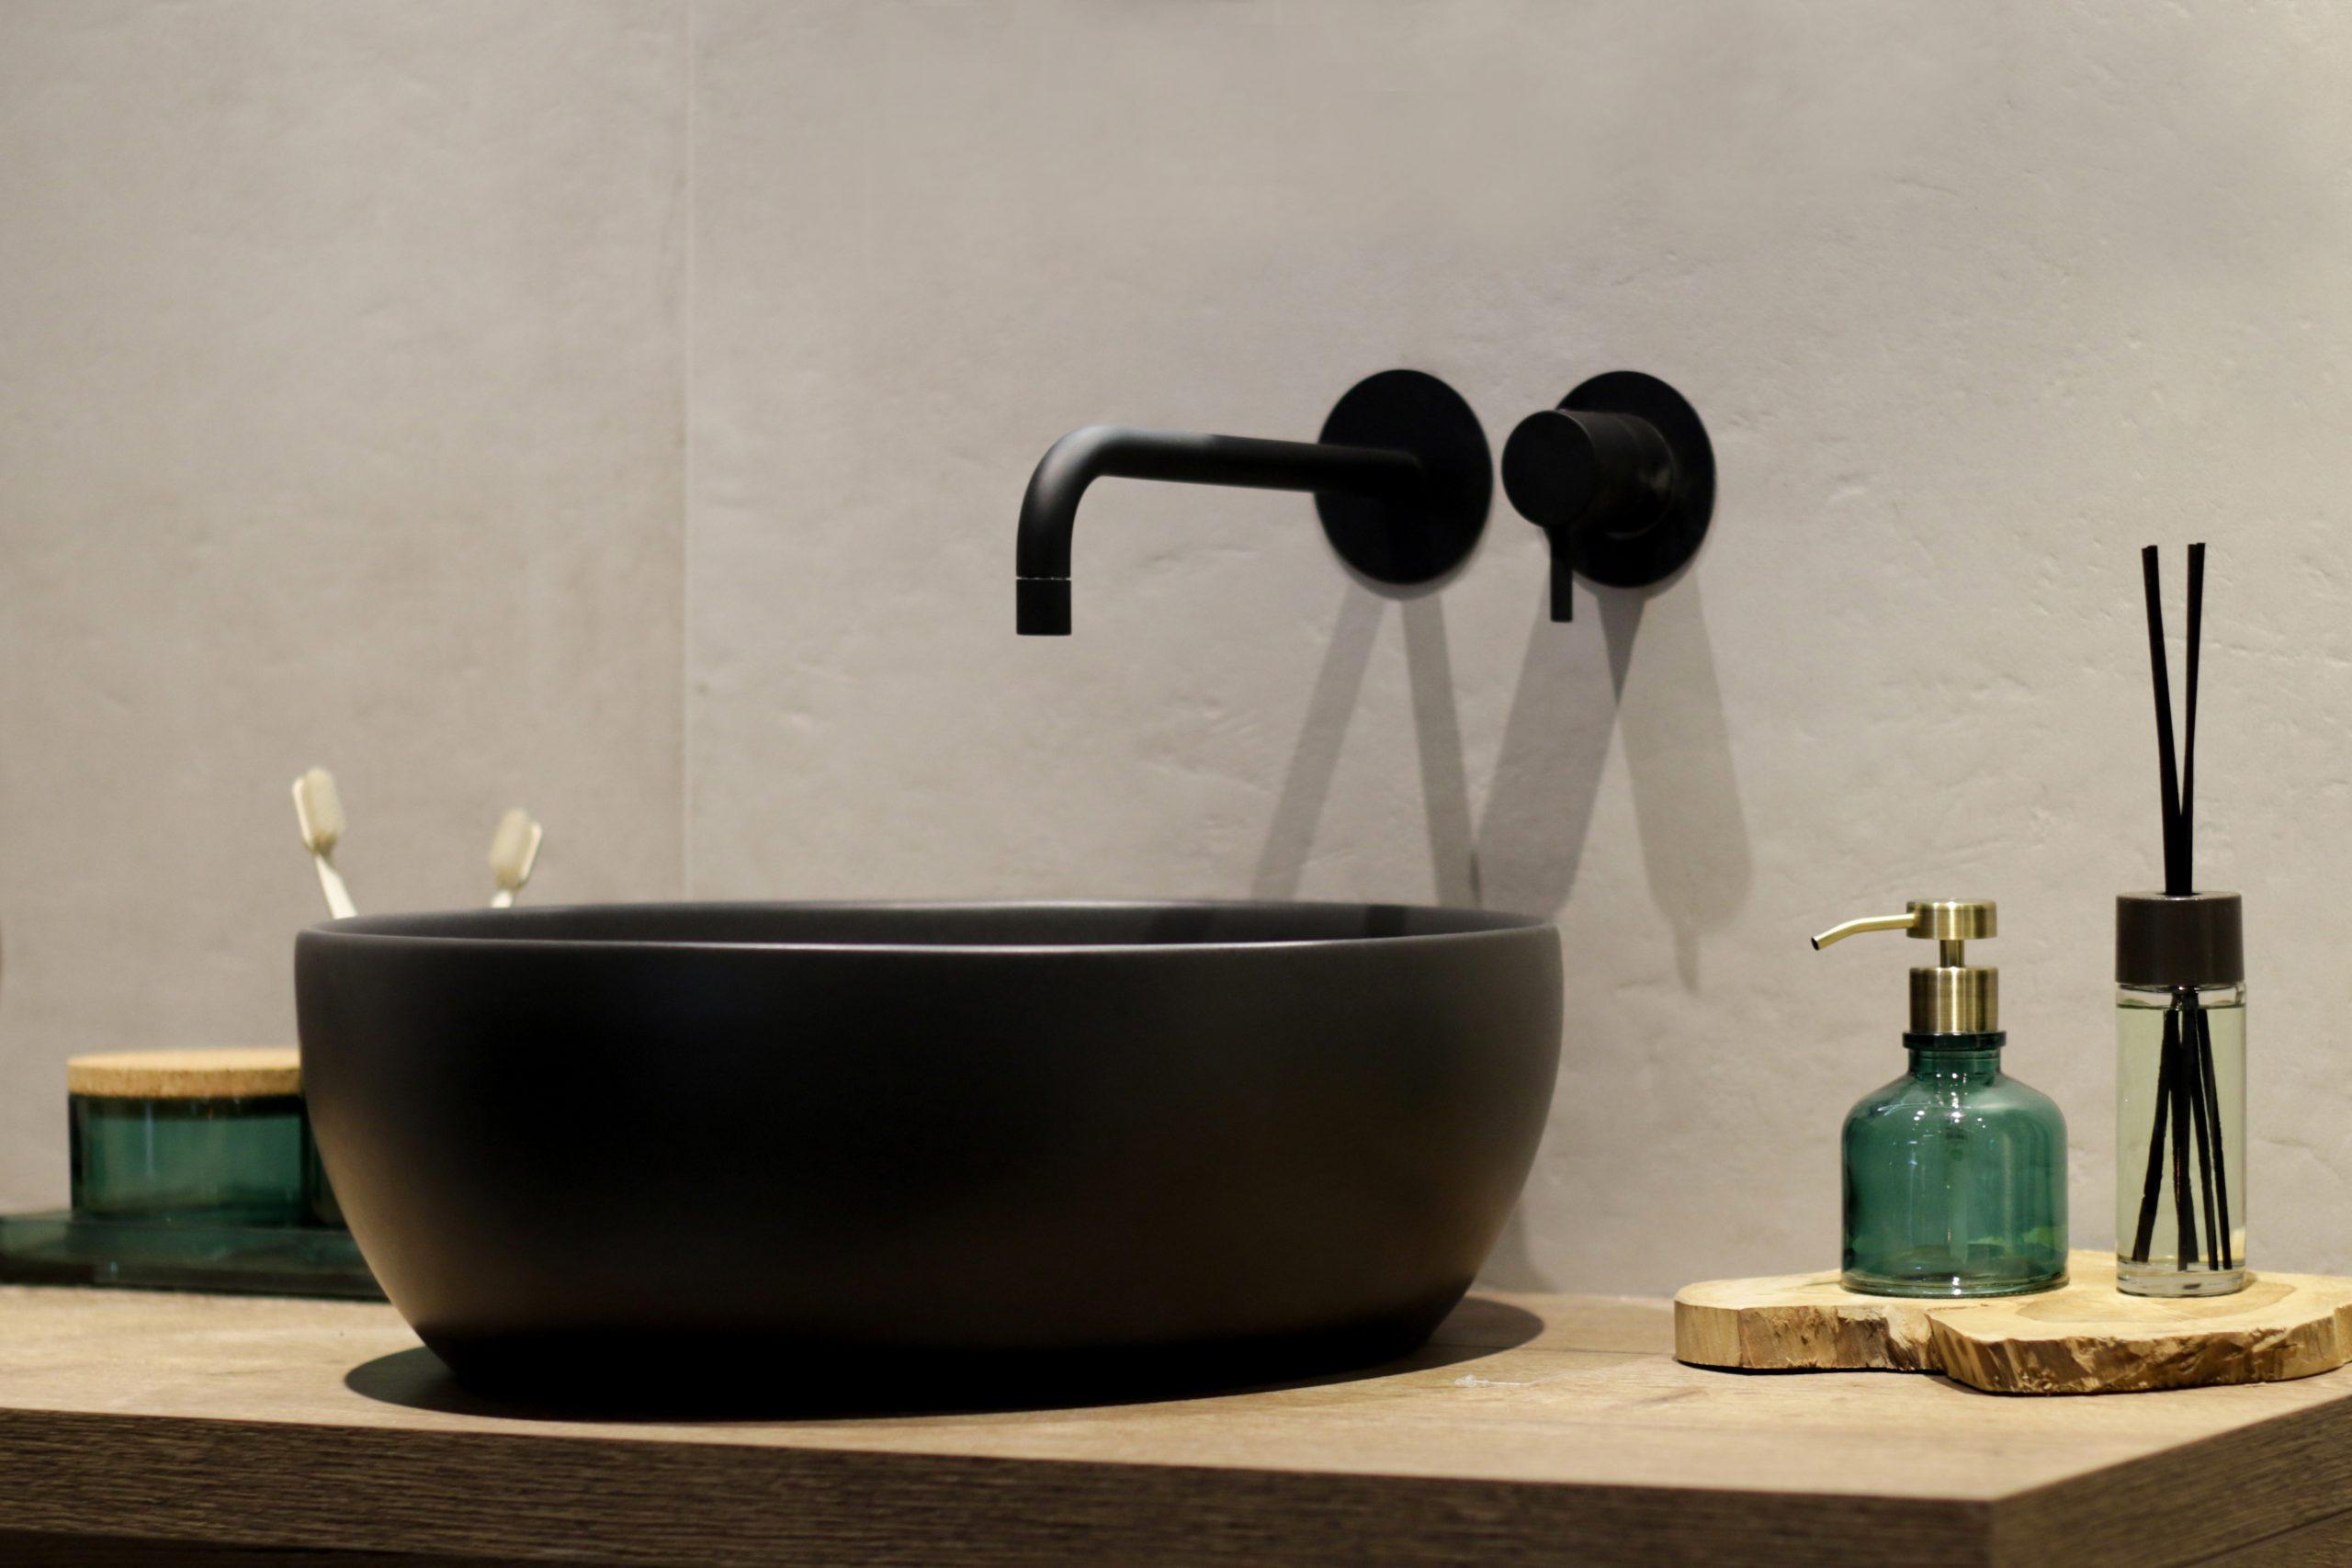 Mijn-bad-in-stijl-tip4-zwarte-details-sink-badkamer